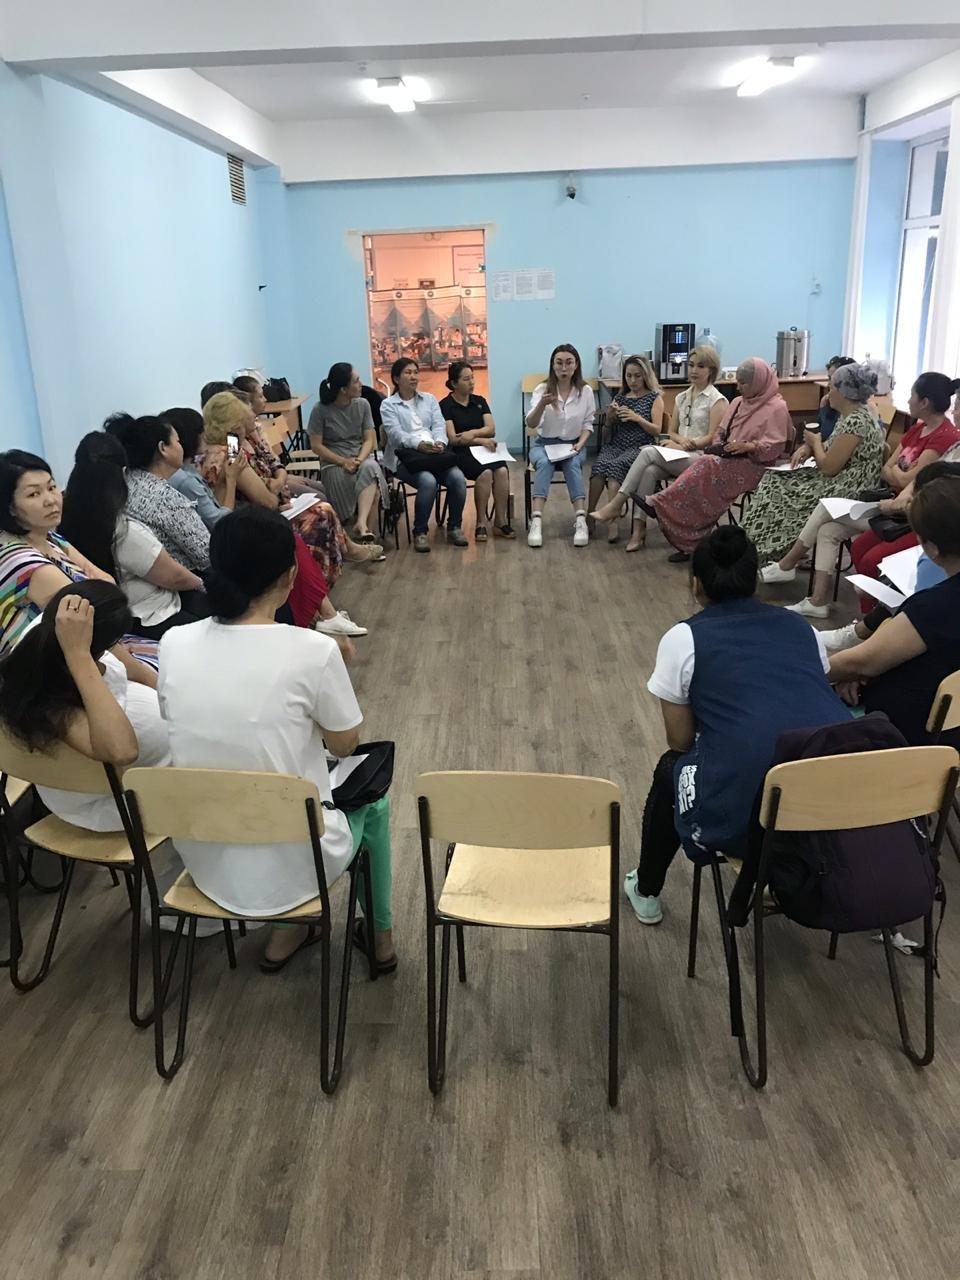 В Алматы районный акимат на тренинг для многодетных пригласил визажиста и нумеролога, фото-3